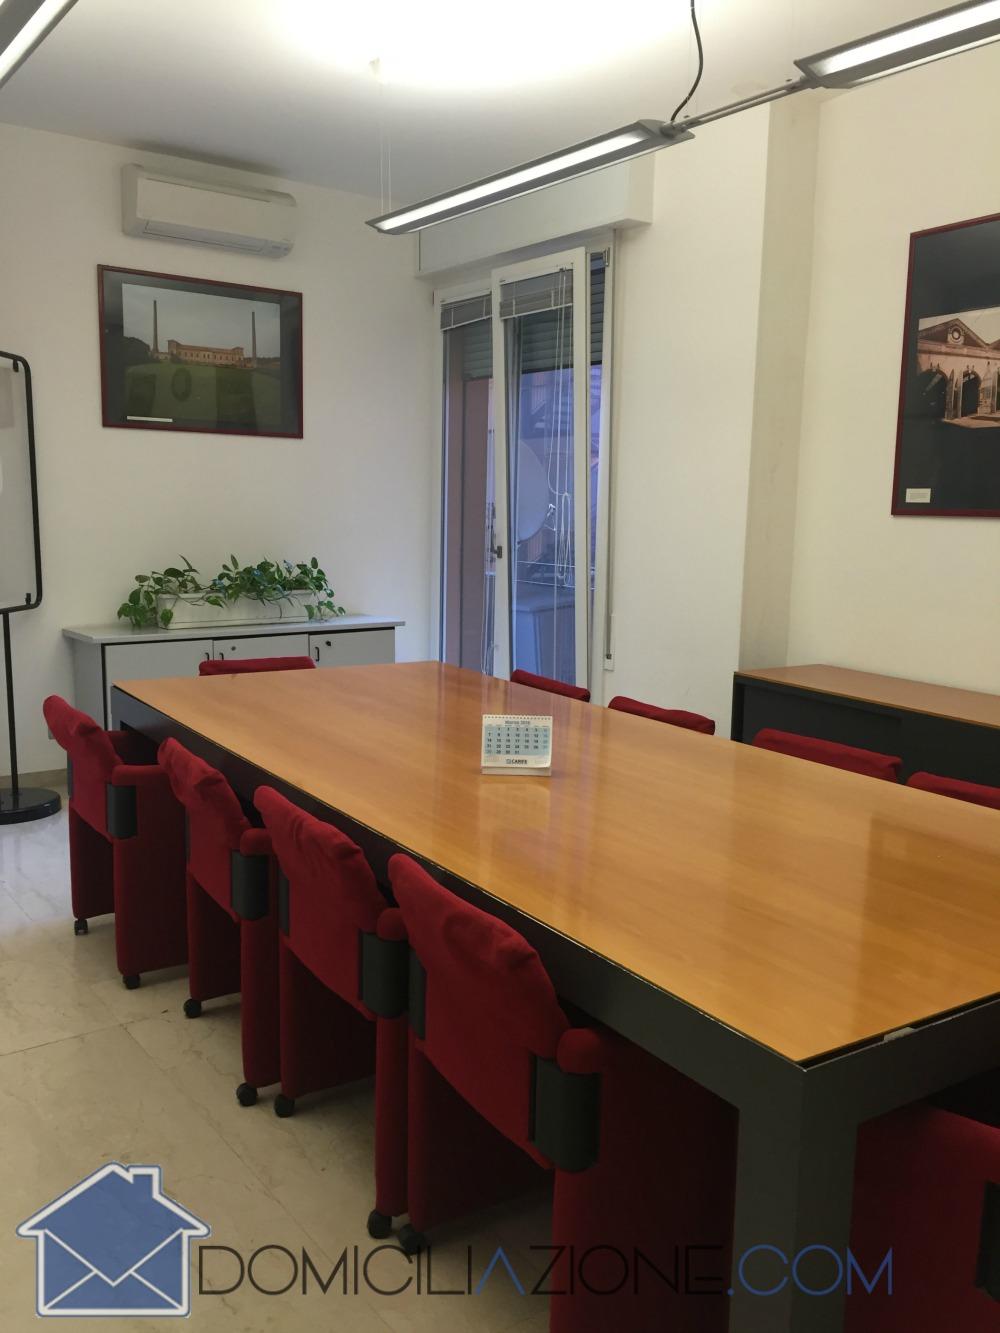 noleggio sede legale Bologna - domiciliazione.com